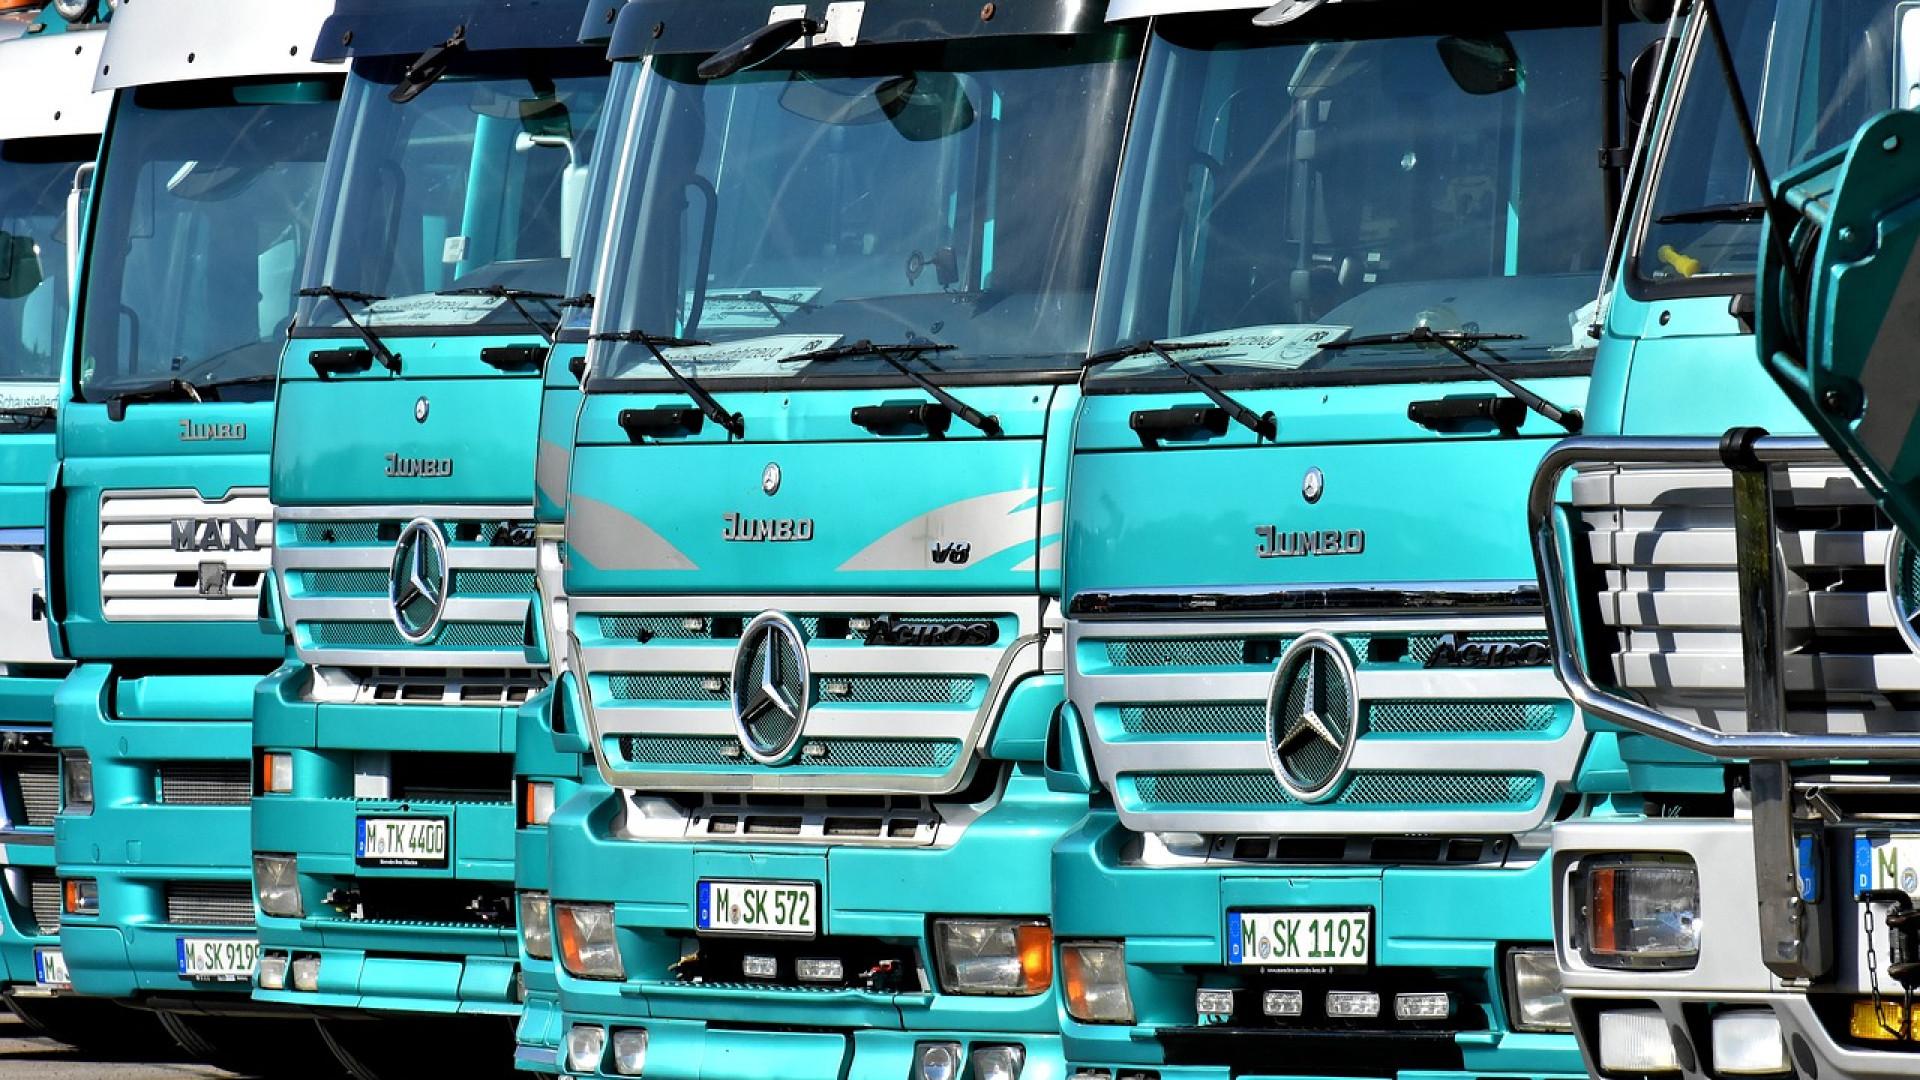 entreprises-transport-marchandises-devez-vous-opter-une-solution-geolocalisation.png